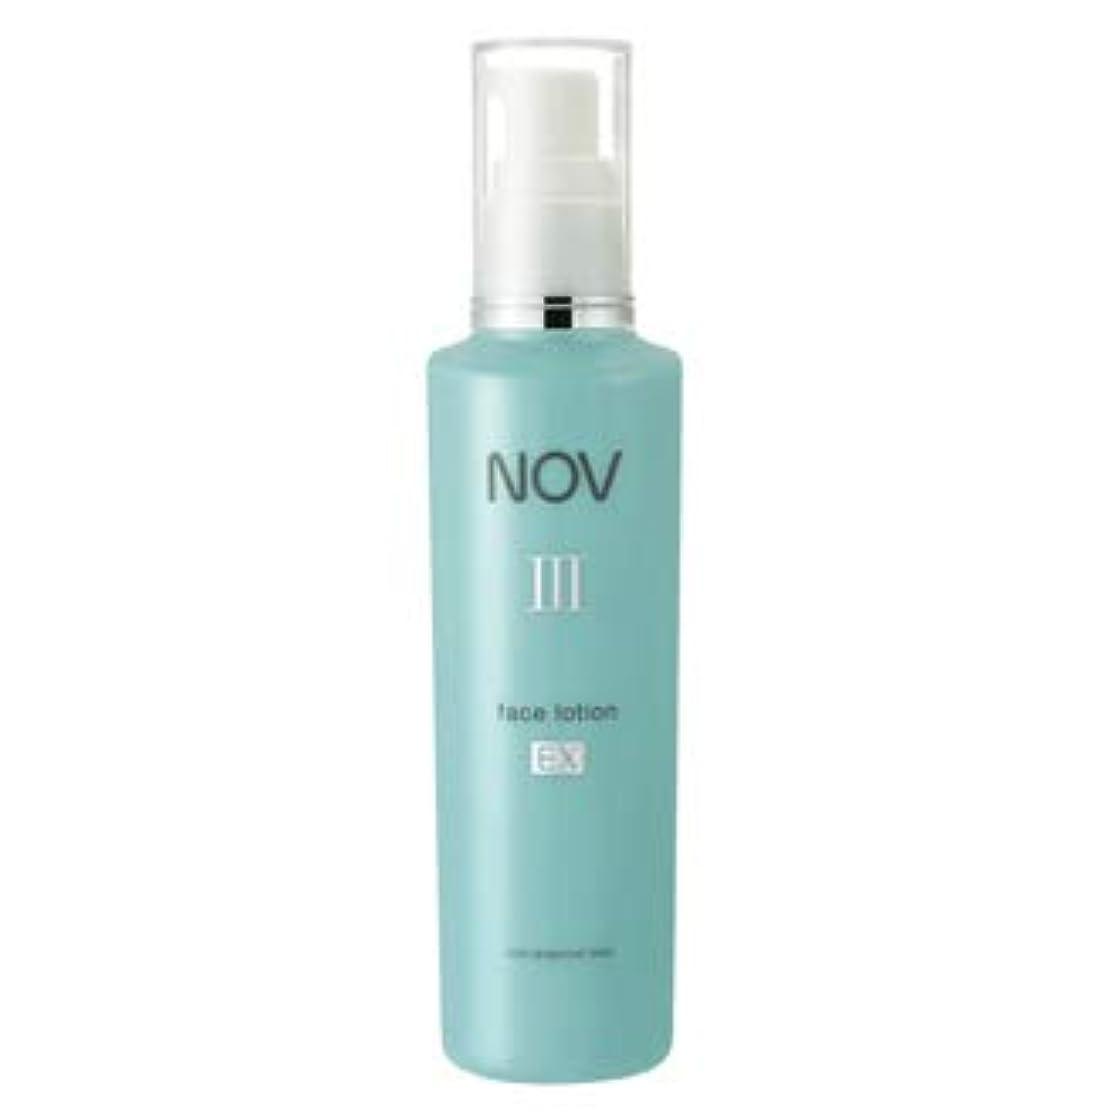 最大化する保有者気になるノブ Ⅲ フェイスローション EX 120ml 高保湿化粧水 [並行輸入品]